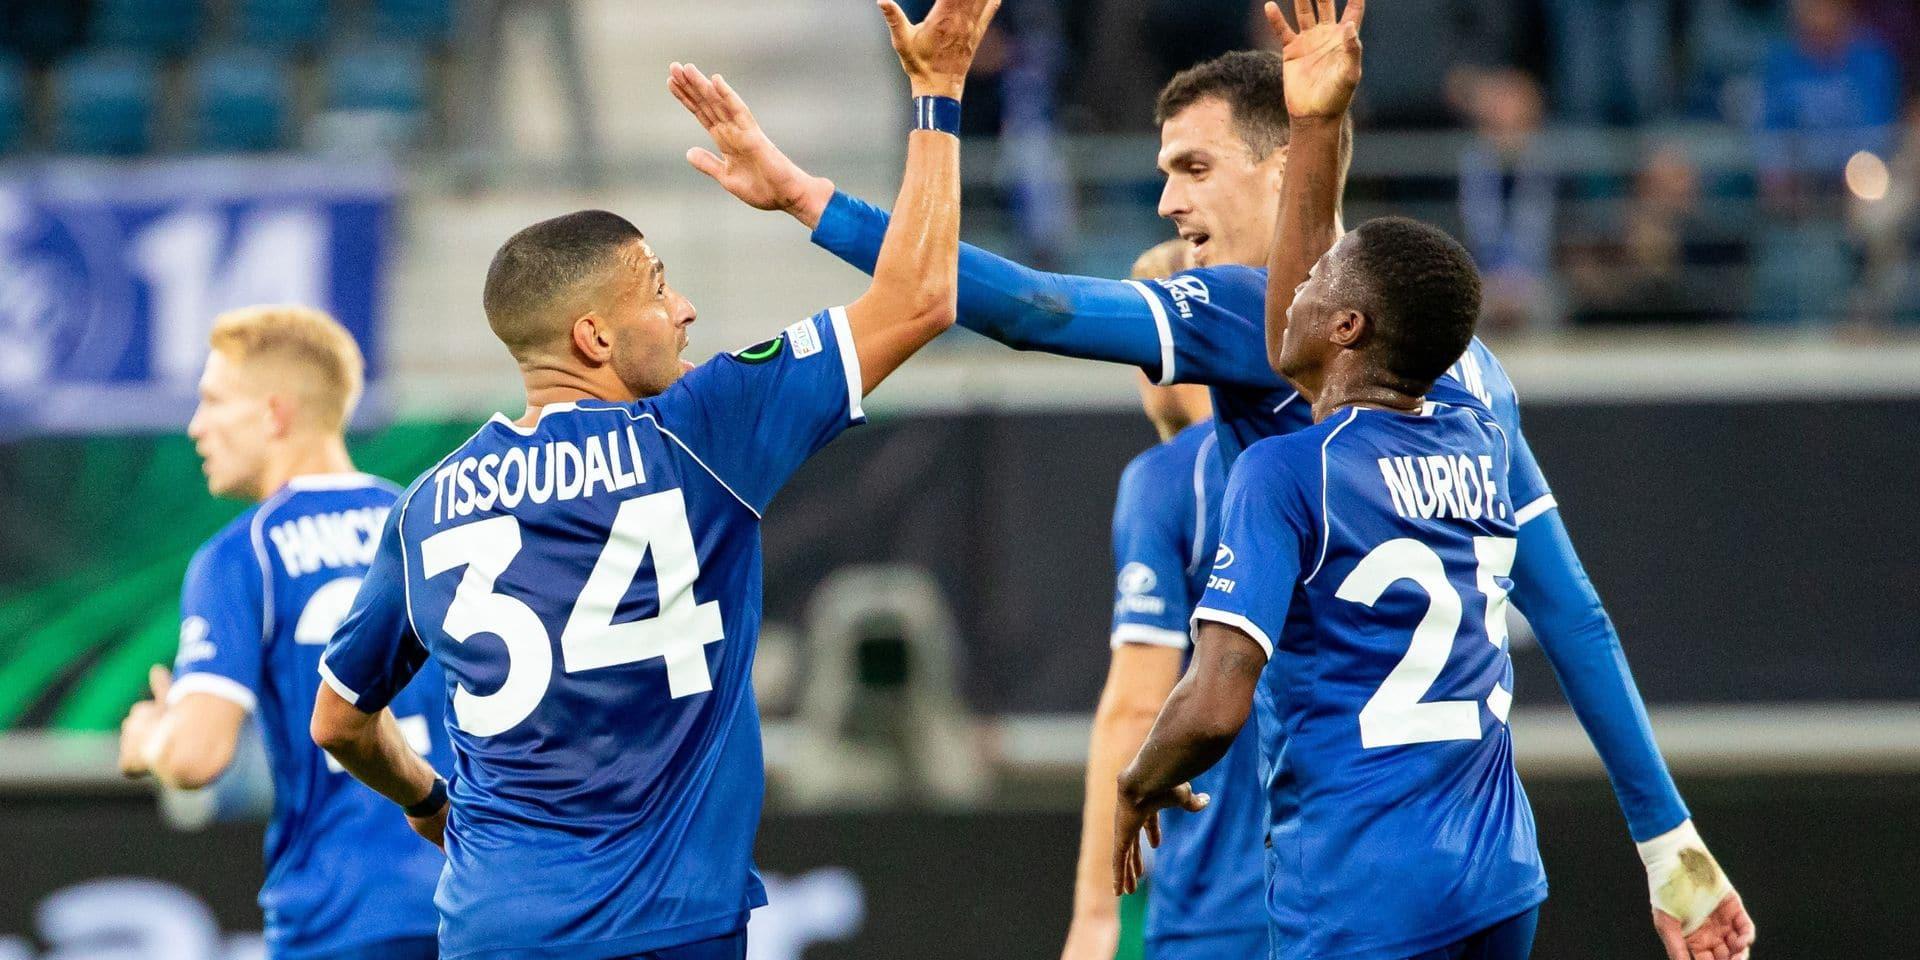 Conference League : La Gantoise aligne un deuxième succès face à Anorthosis (2-0)